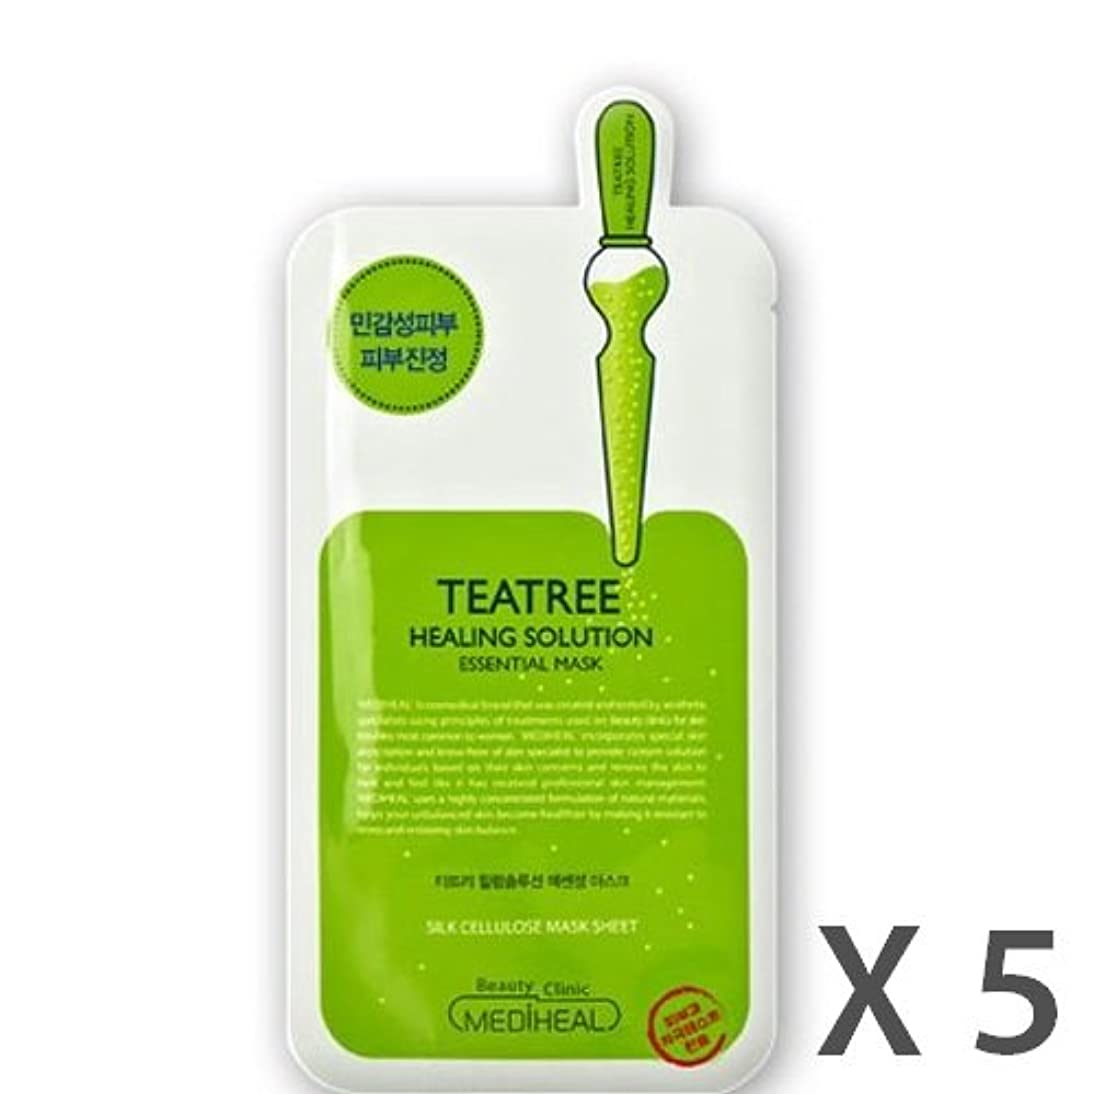 バーターなので曲げるMEDIHEAL Tea Tree Healing Solution Essential Mask 5ea /メディヒール ティー ツリー ヒーリングソリューションエッセンシャルマスク 5ea [並行輸入品]